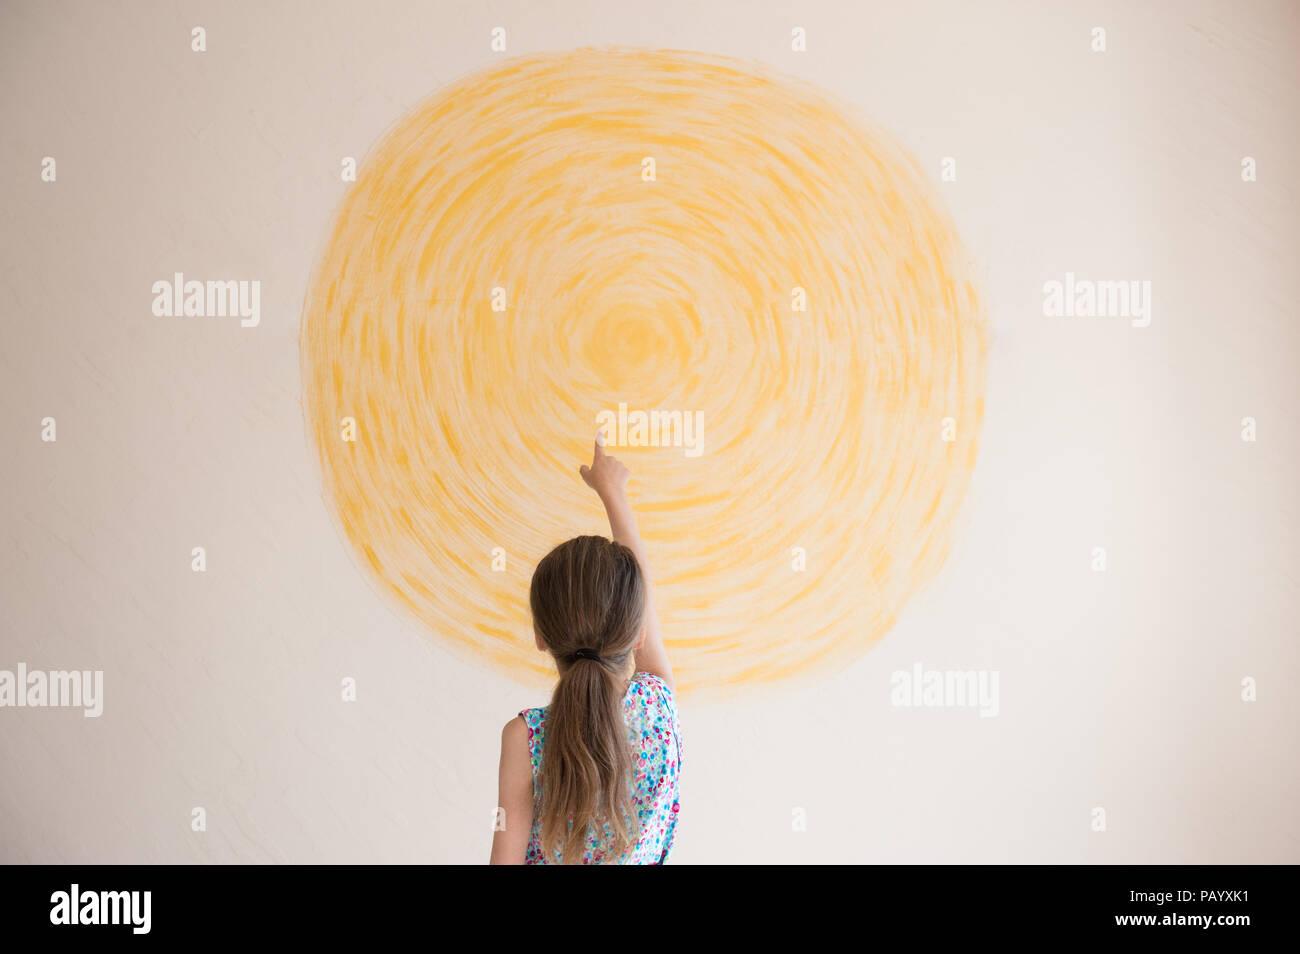 Petite fille face au soleil jaune peint sur mur intérieur Photo Stock